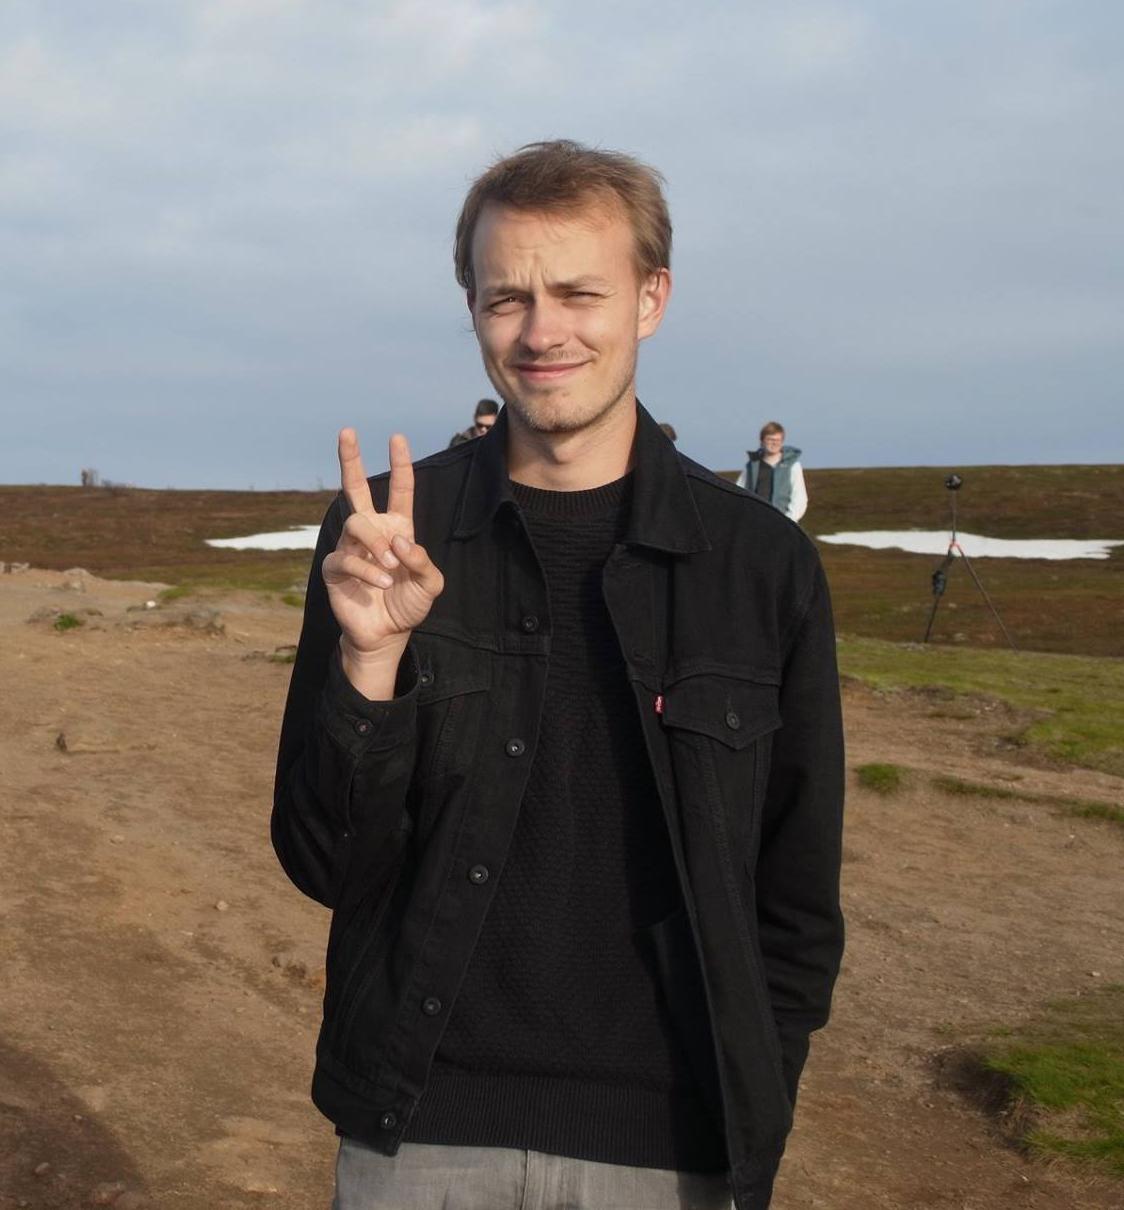 Adrian Ejsing (Denmark)